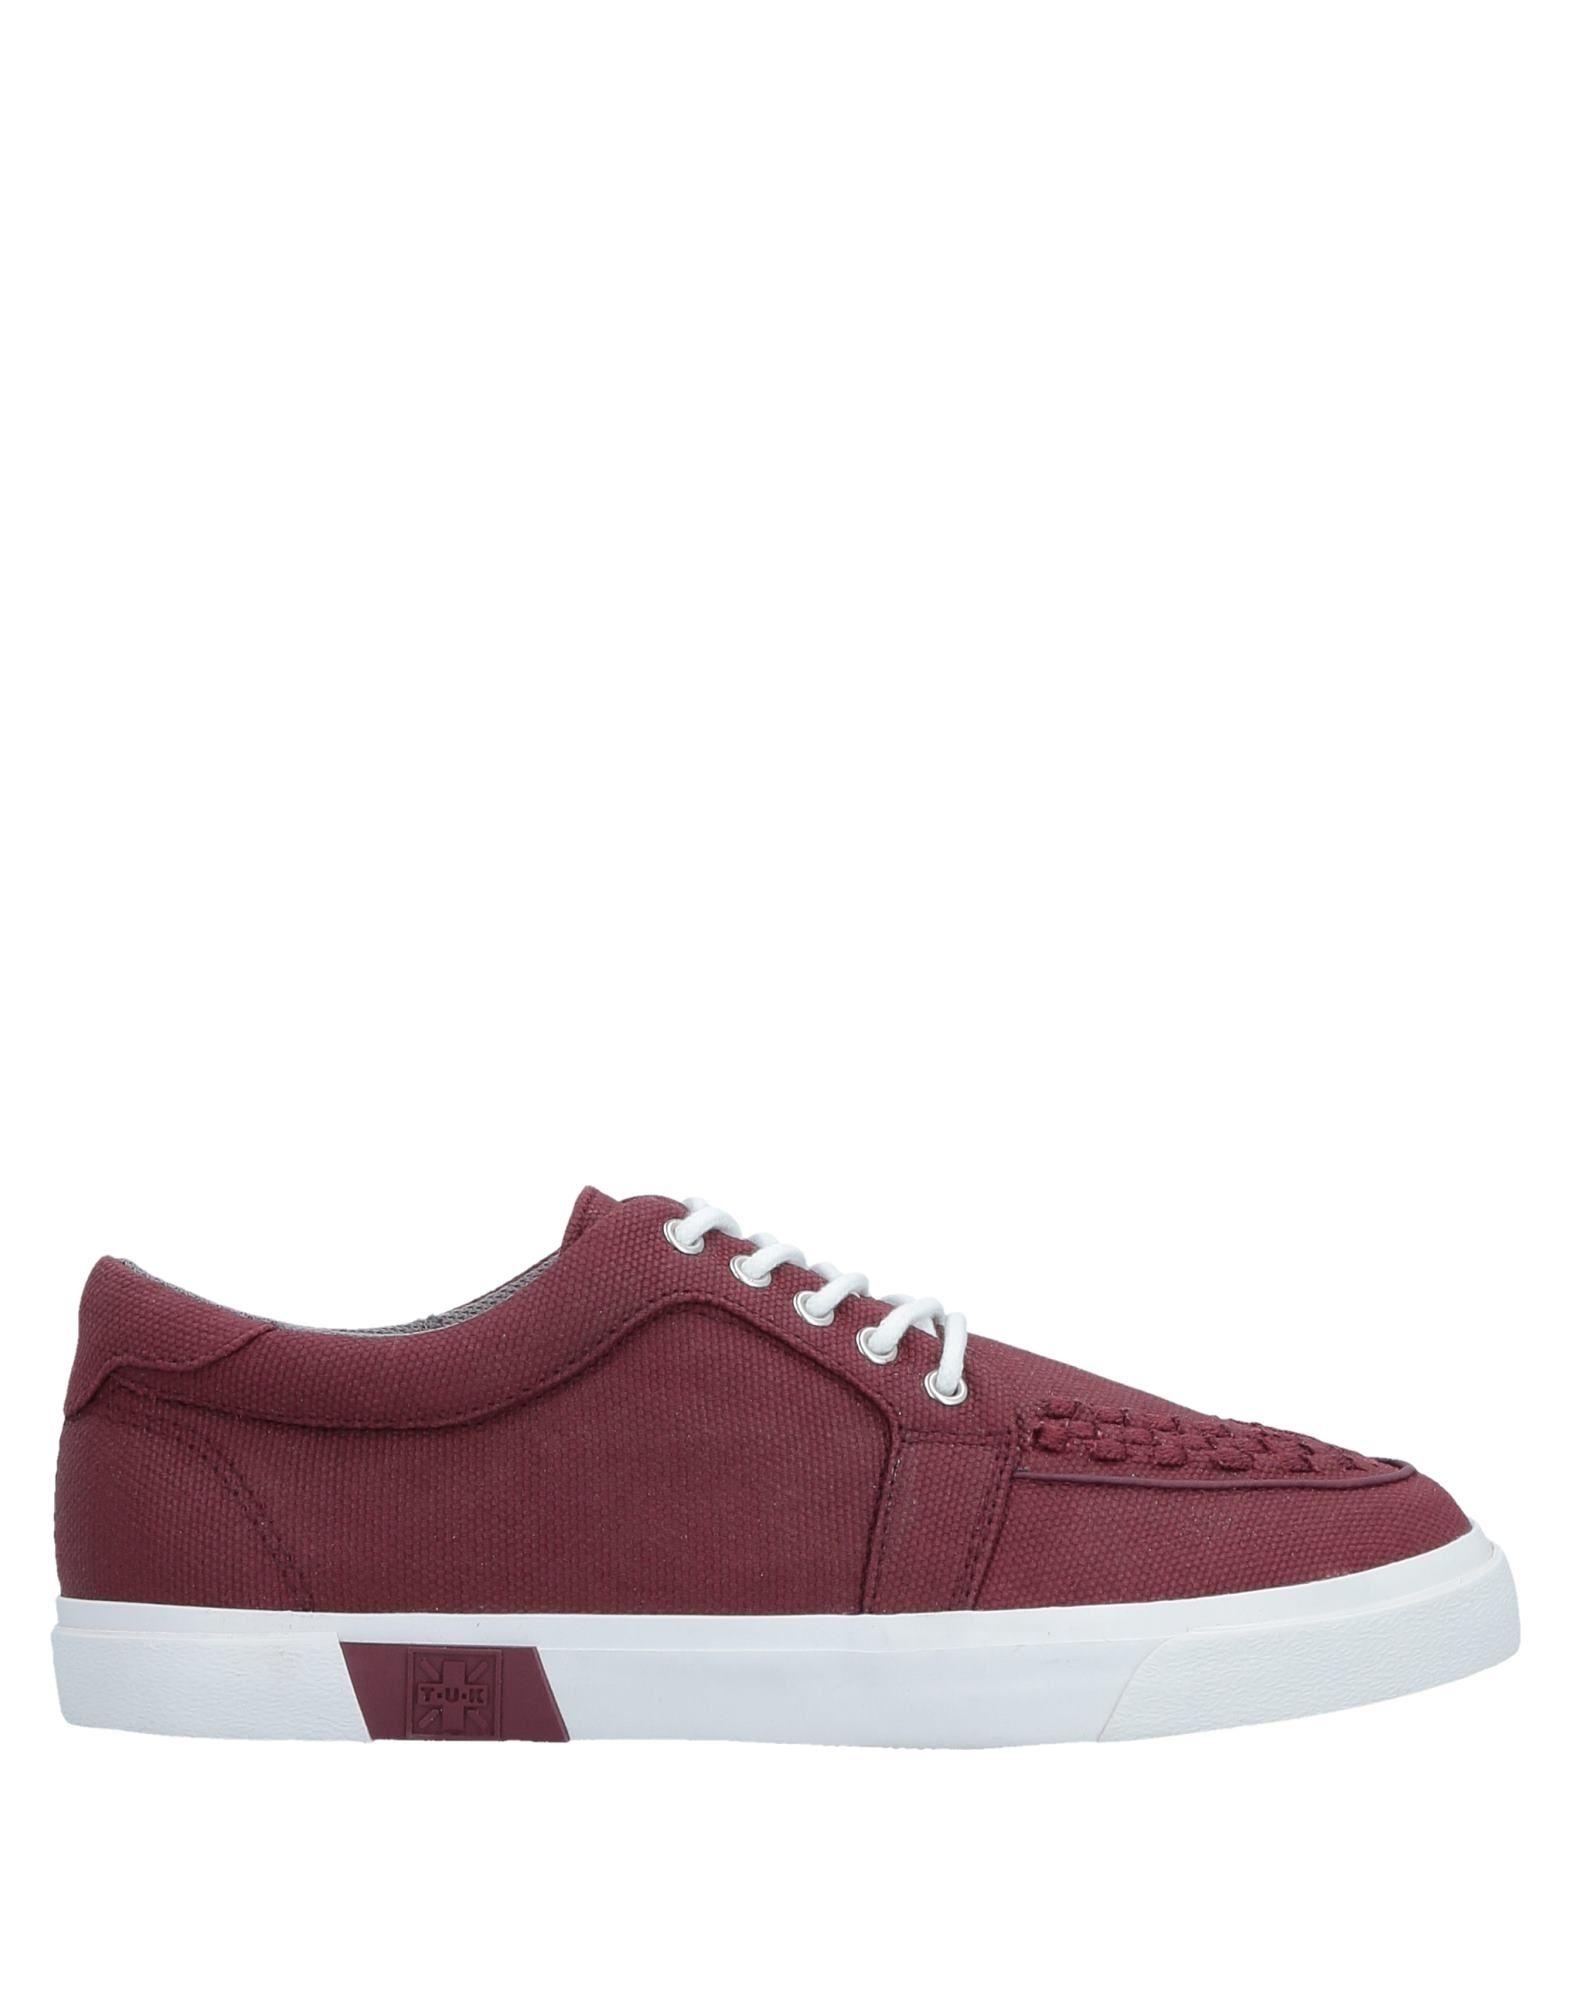 T.U.K Sneakers Damen  11522553FF Gute Qualität beliebte Schuhe